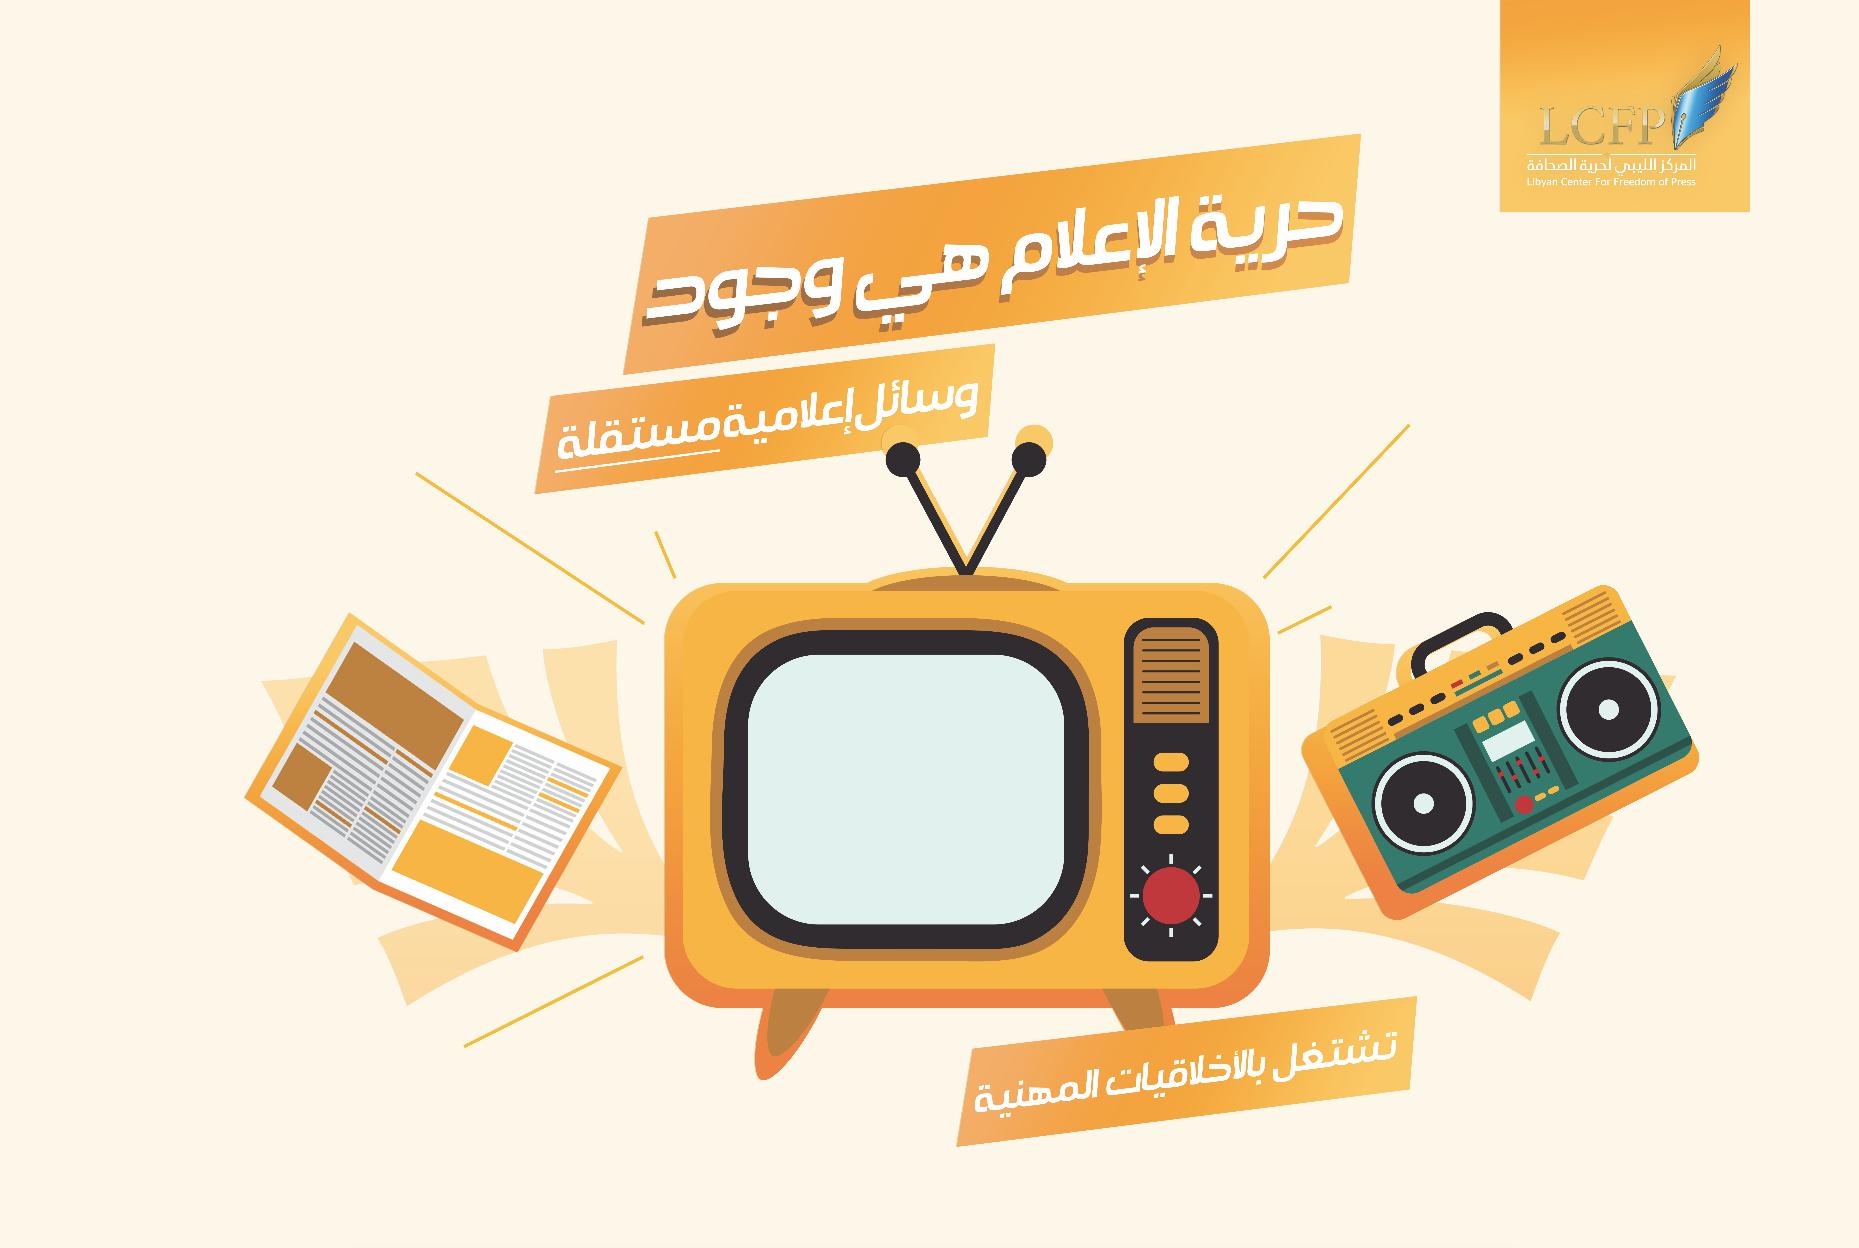 باش يكون فيه حٌرية إعلام لابد من تعزيز الأخلاقيات المهنية